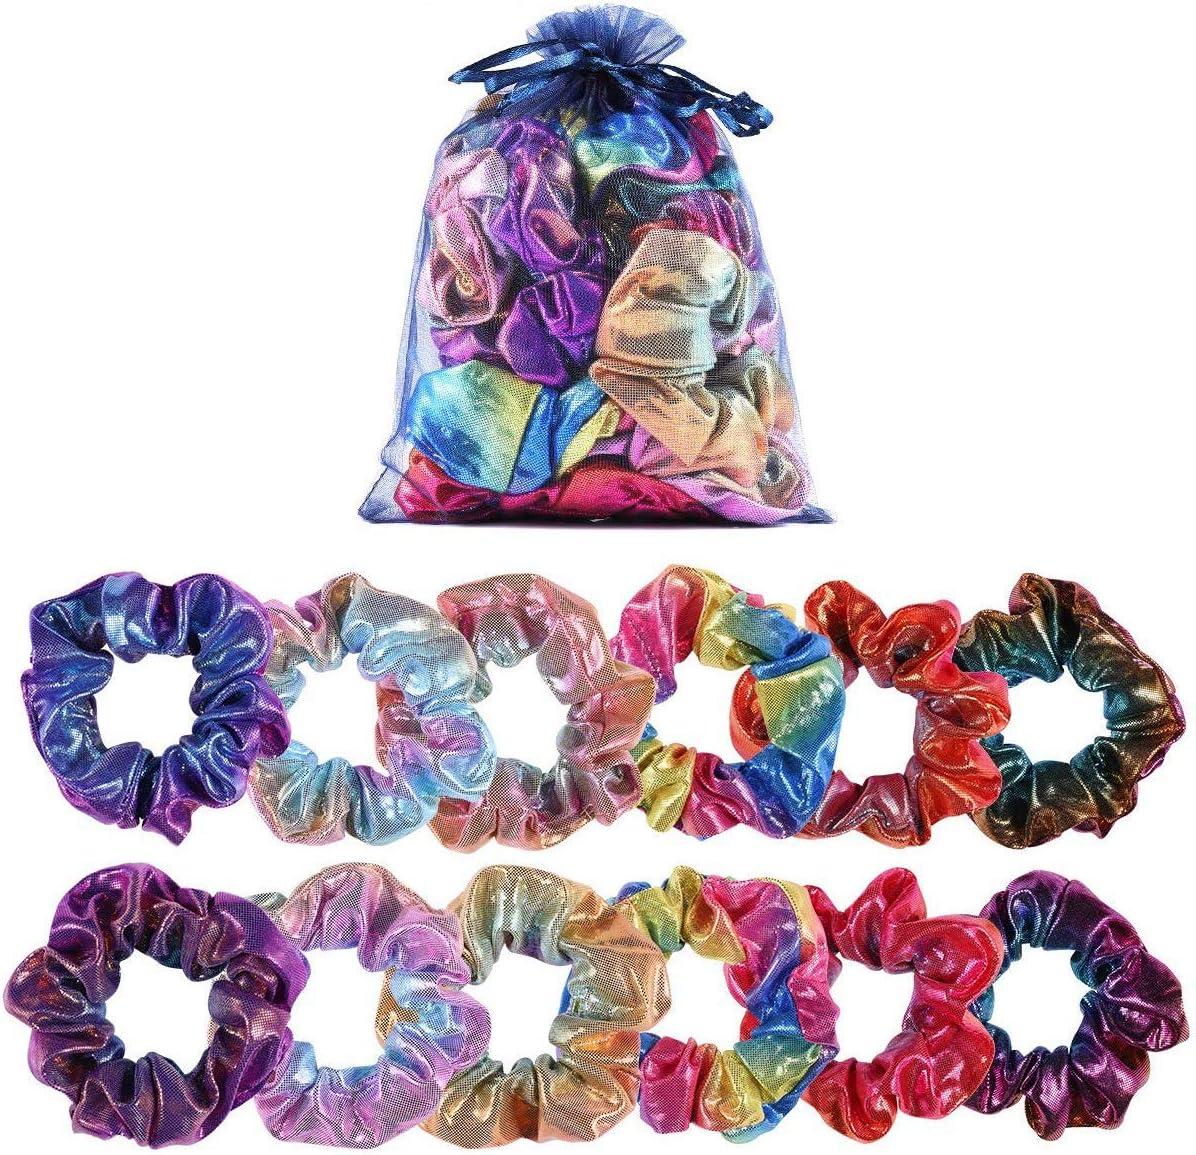 boogift 12 Pcs Pelo Elástico Banda scrunchies Brillantes Gomas de Pelo scrunchies Metálicos para el Cabello Scrunchy Gradient Mermaid Colors Hair Ties Cuerdas para Mujeres,12 Colores